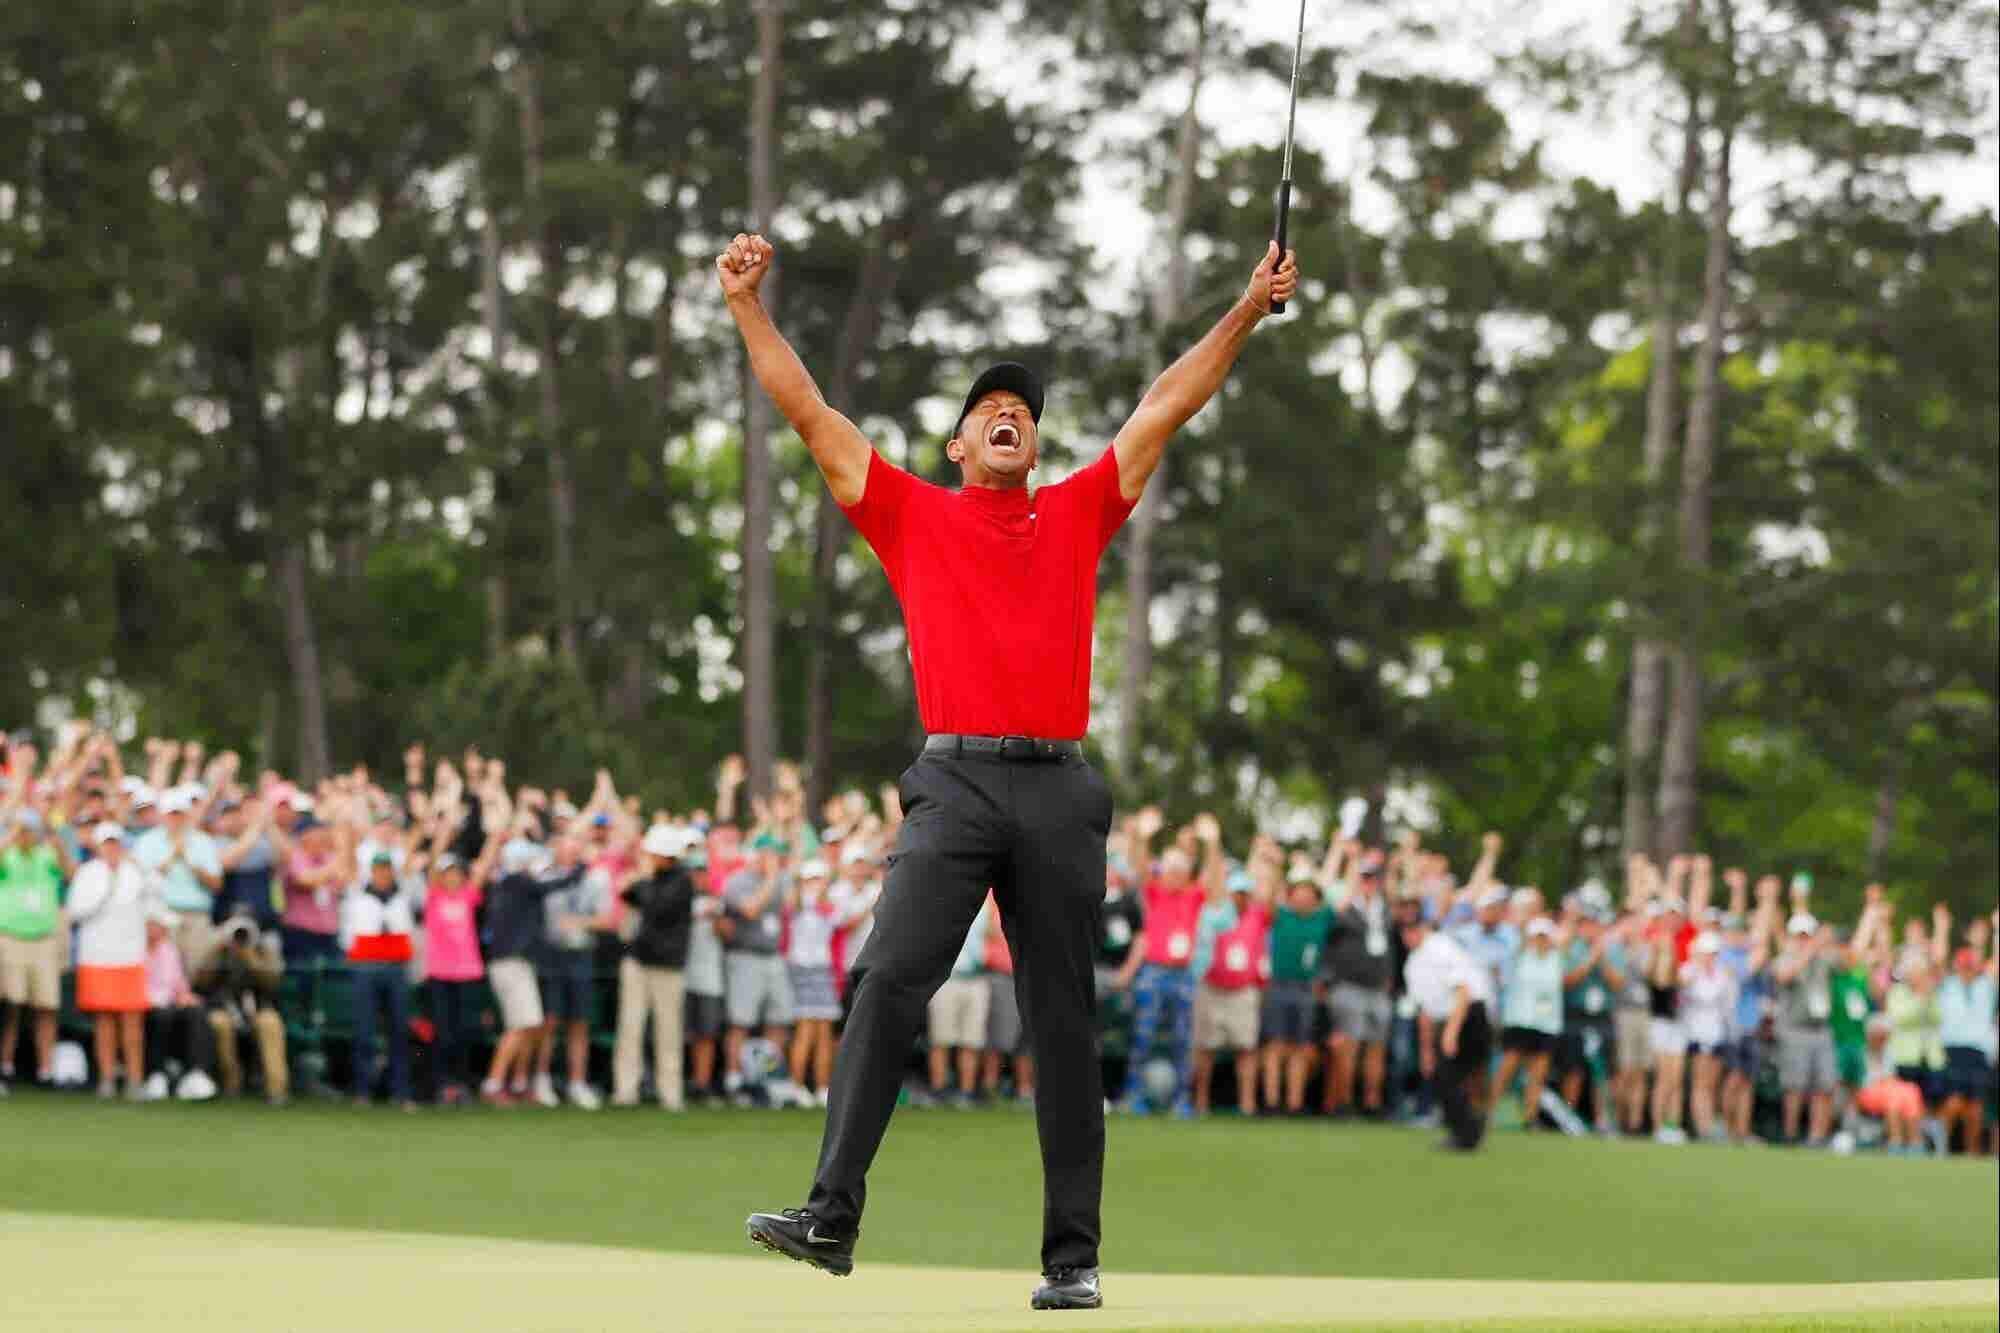 ¿Quieres un 'comeback' como el de Tiger Woods? Solo necesitas tener la mentalidad correcta